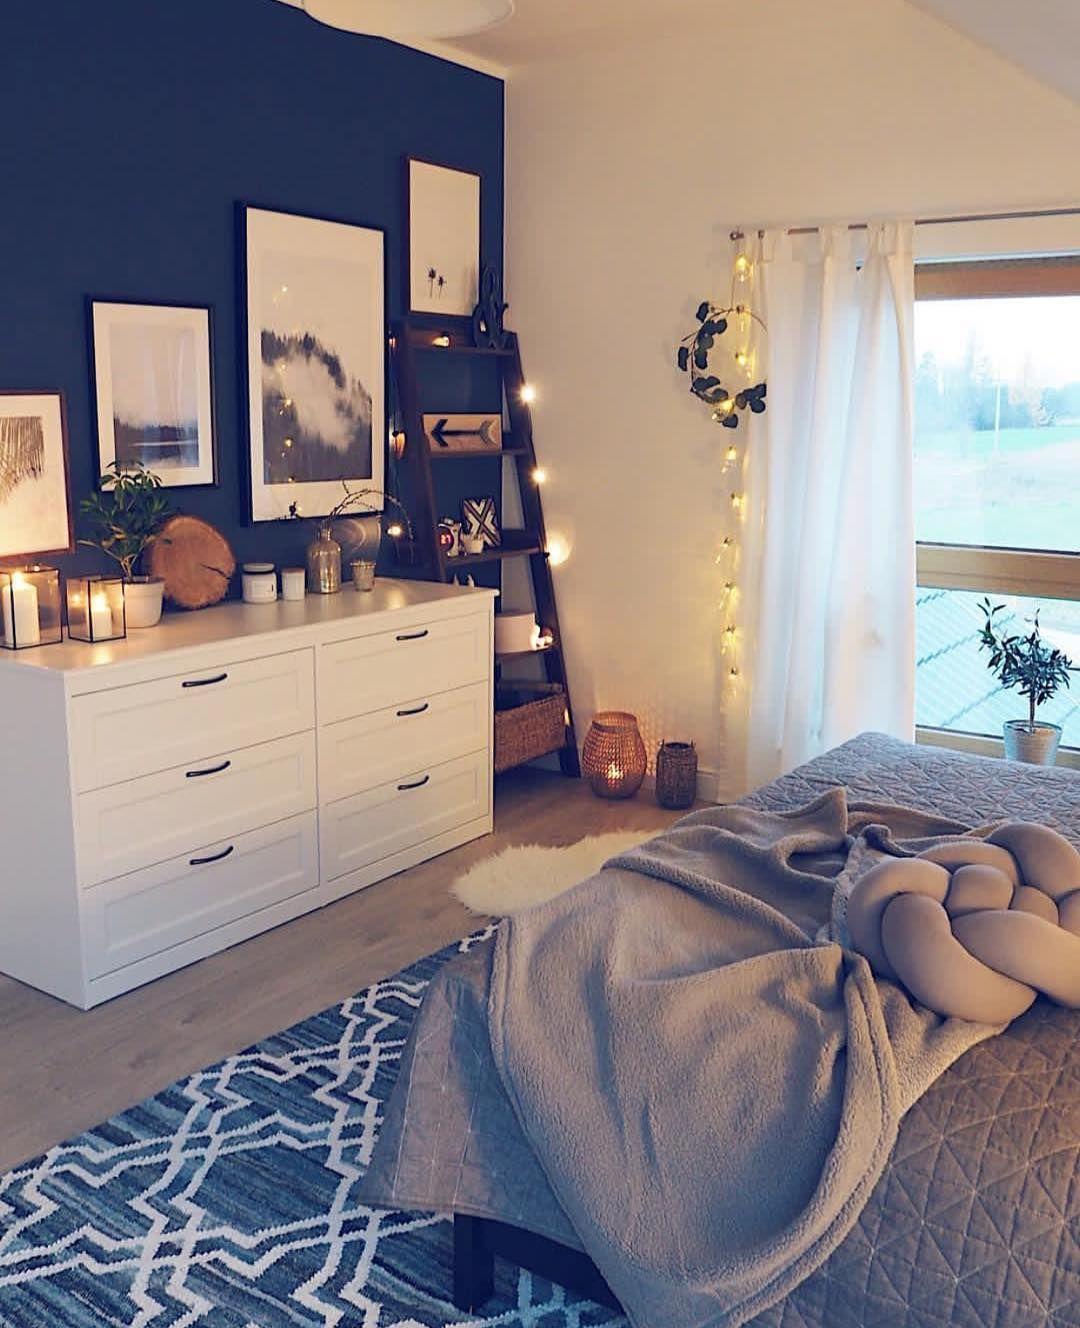 Bild Konnte Enthalten Innenbereich Small Room Bedroom Diy Bedroom Decor For Teens Small Room Design